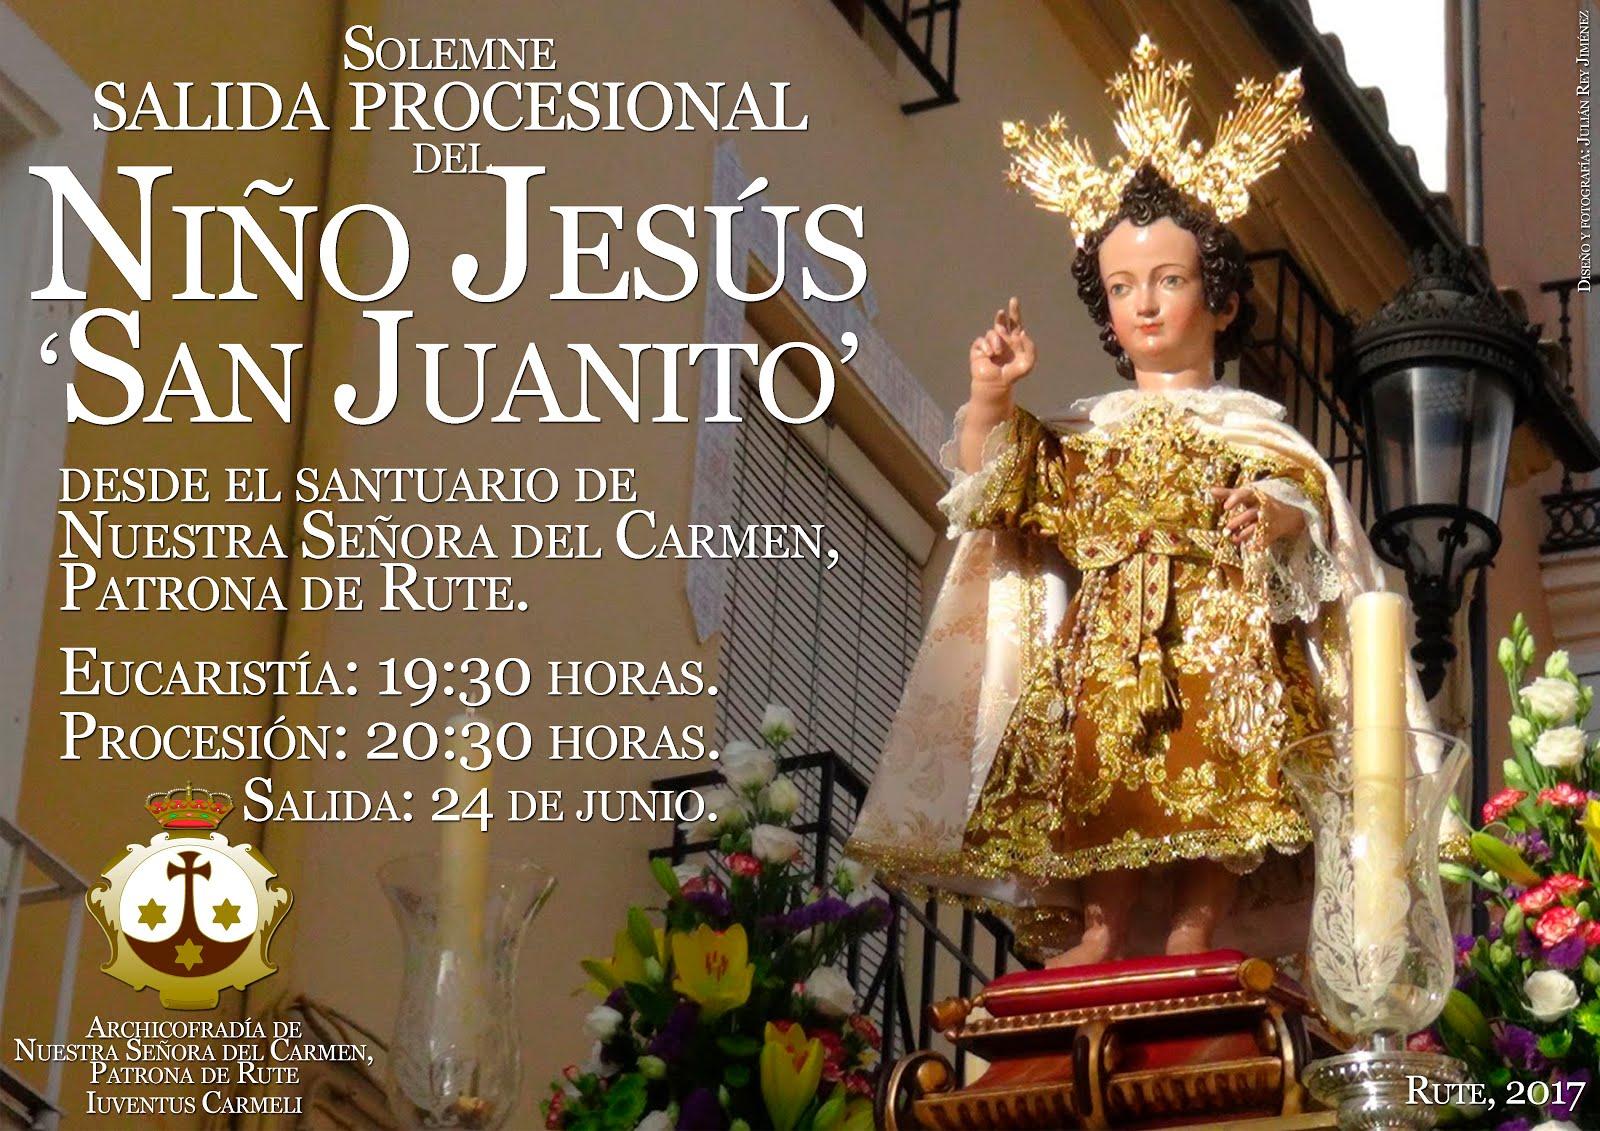 Solemne procesión del Niño Jesús 'San Juanito' 2017